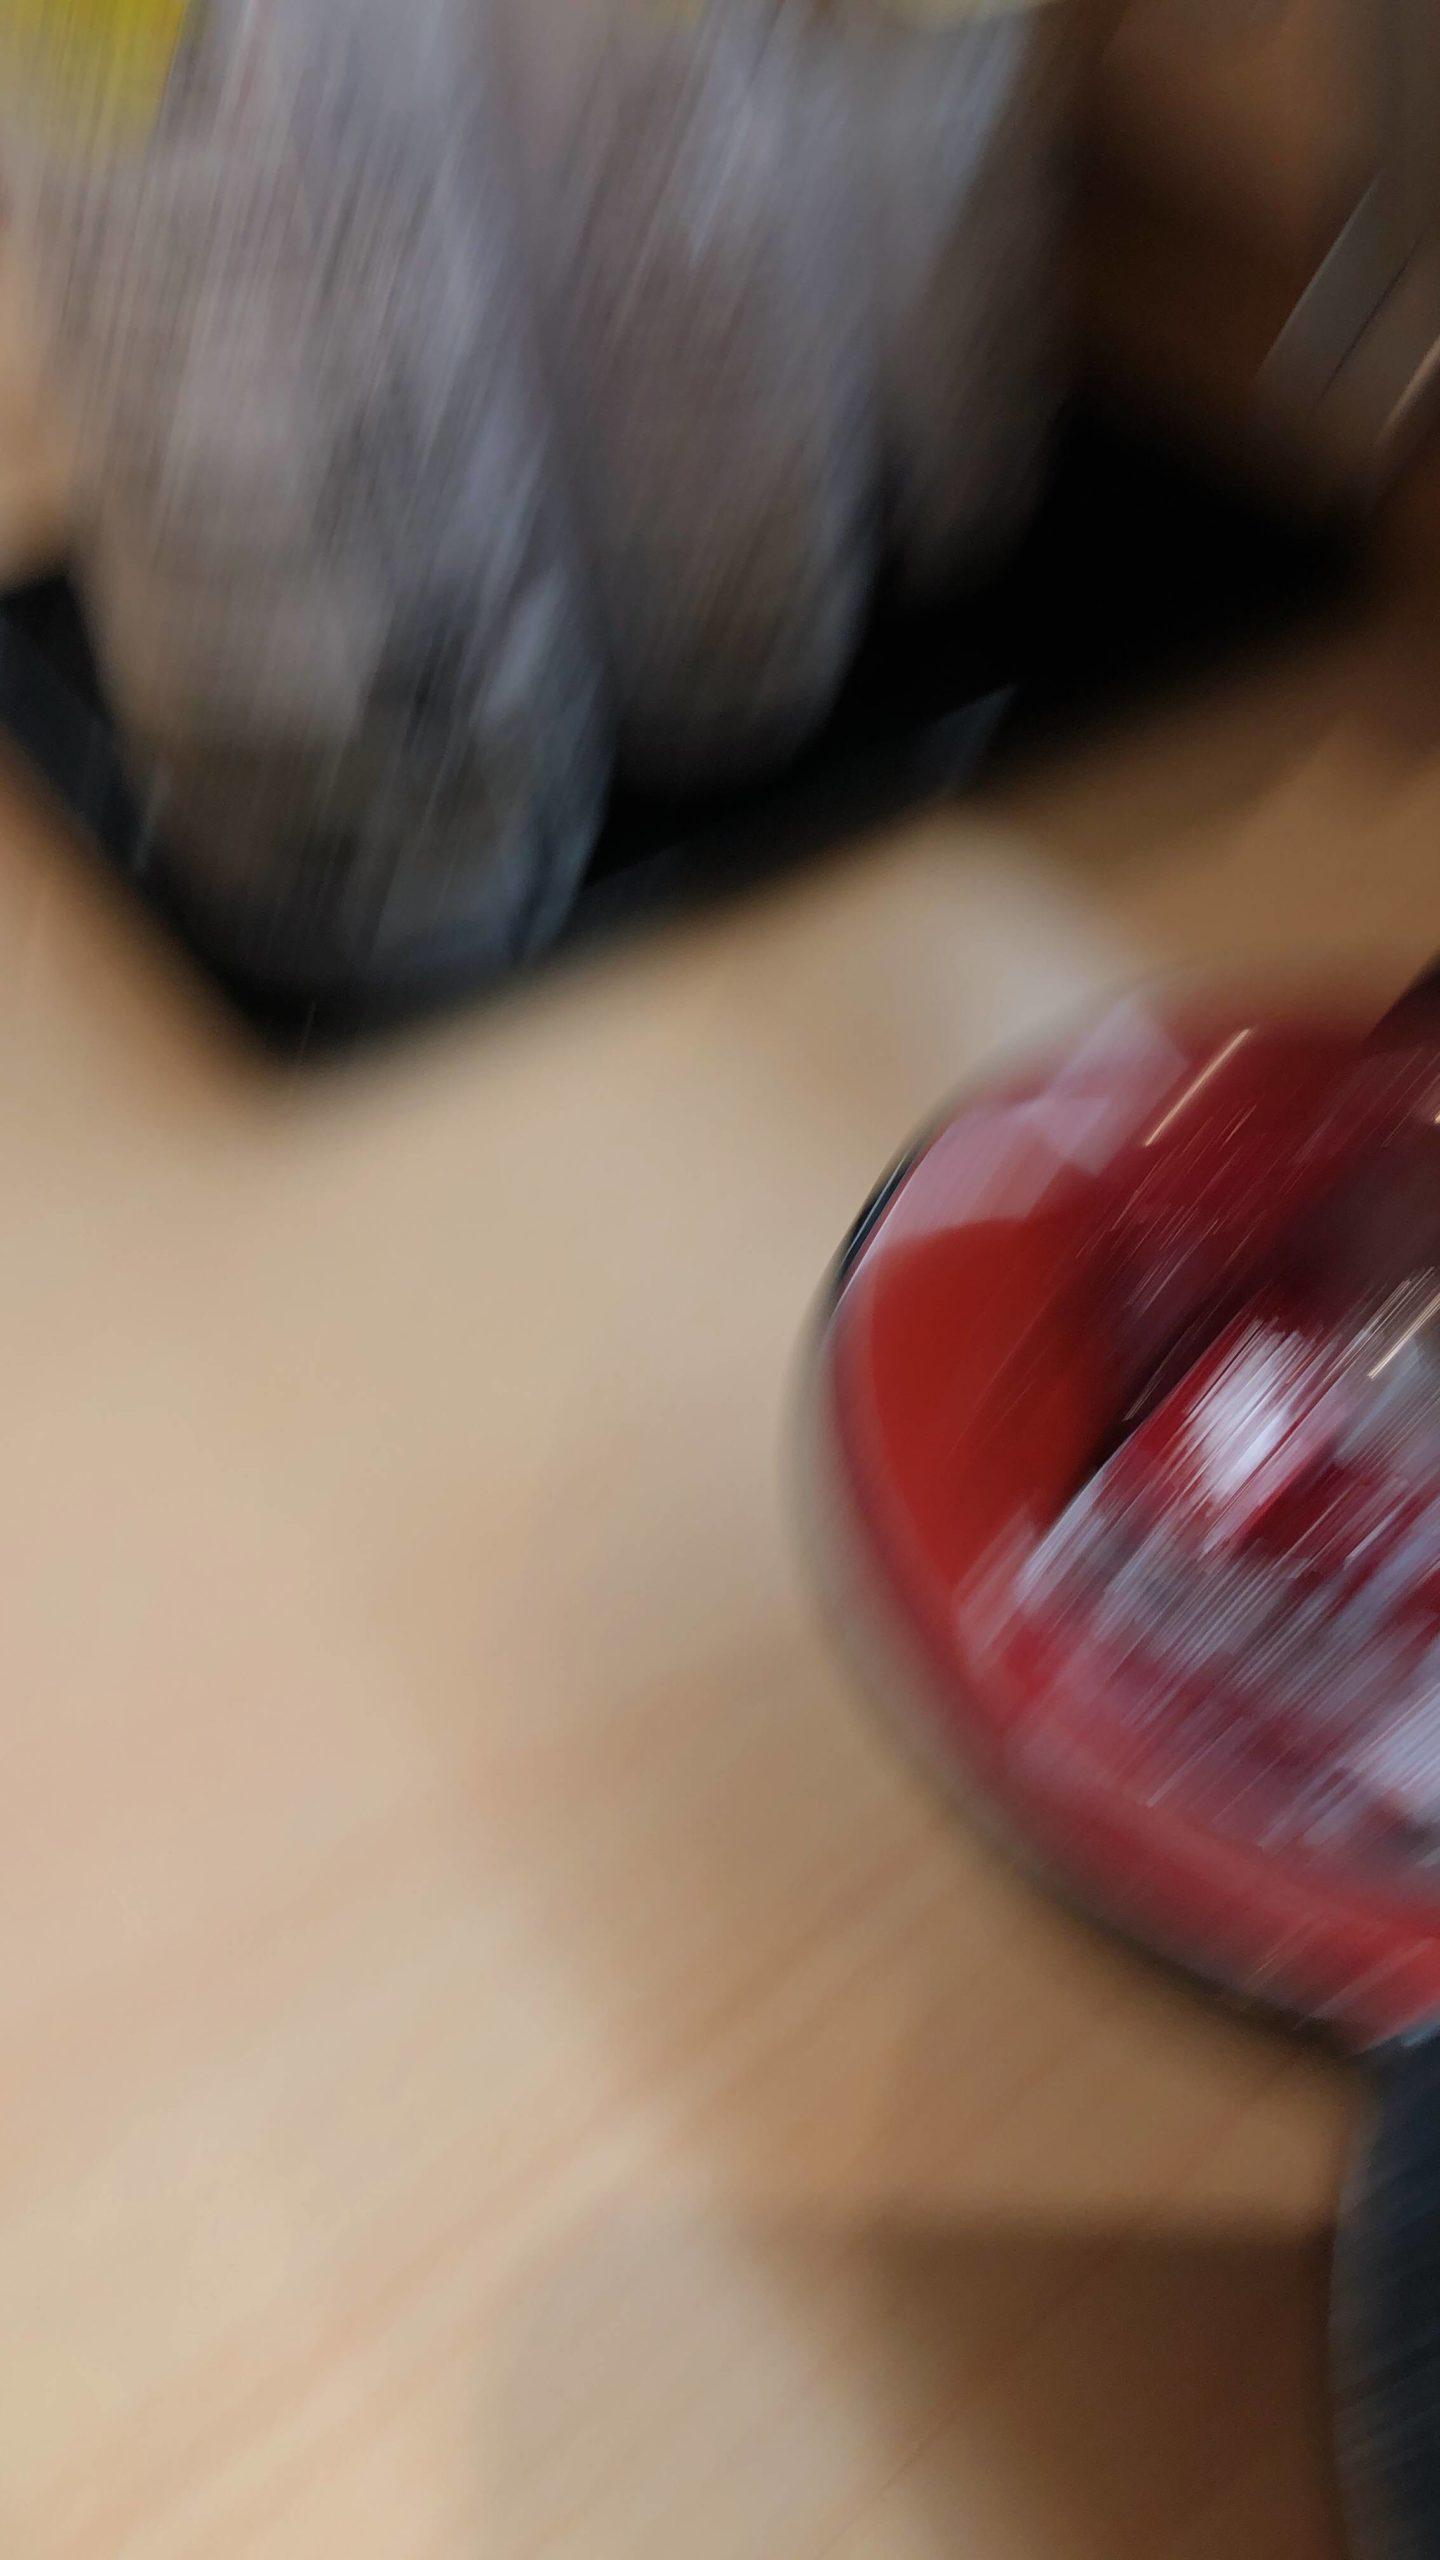 【画像】回転寿司きたつたwwwwwwwwww